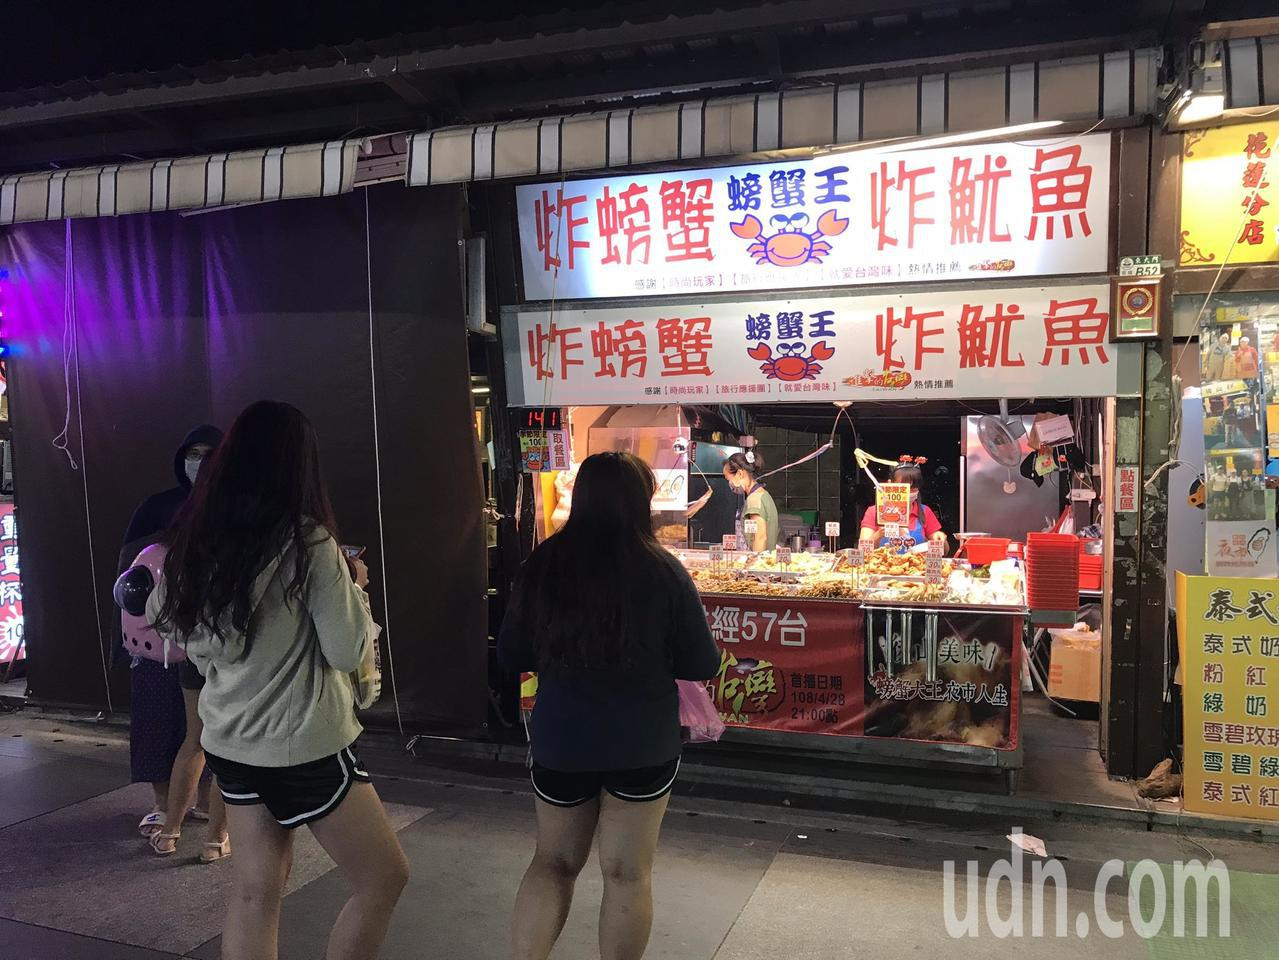 花蓮東大門夜市有許多美食名店。記者王燕華/攝影